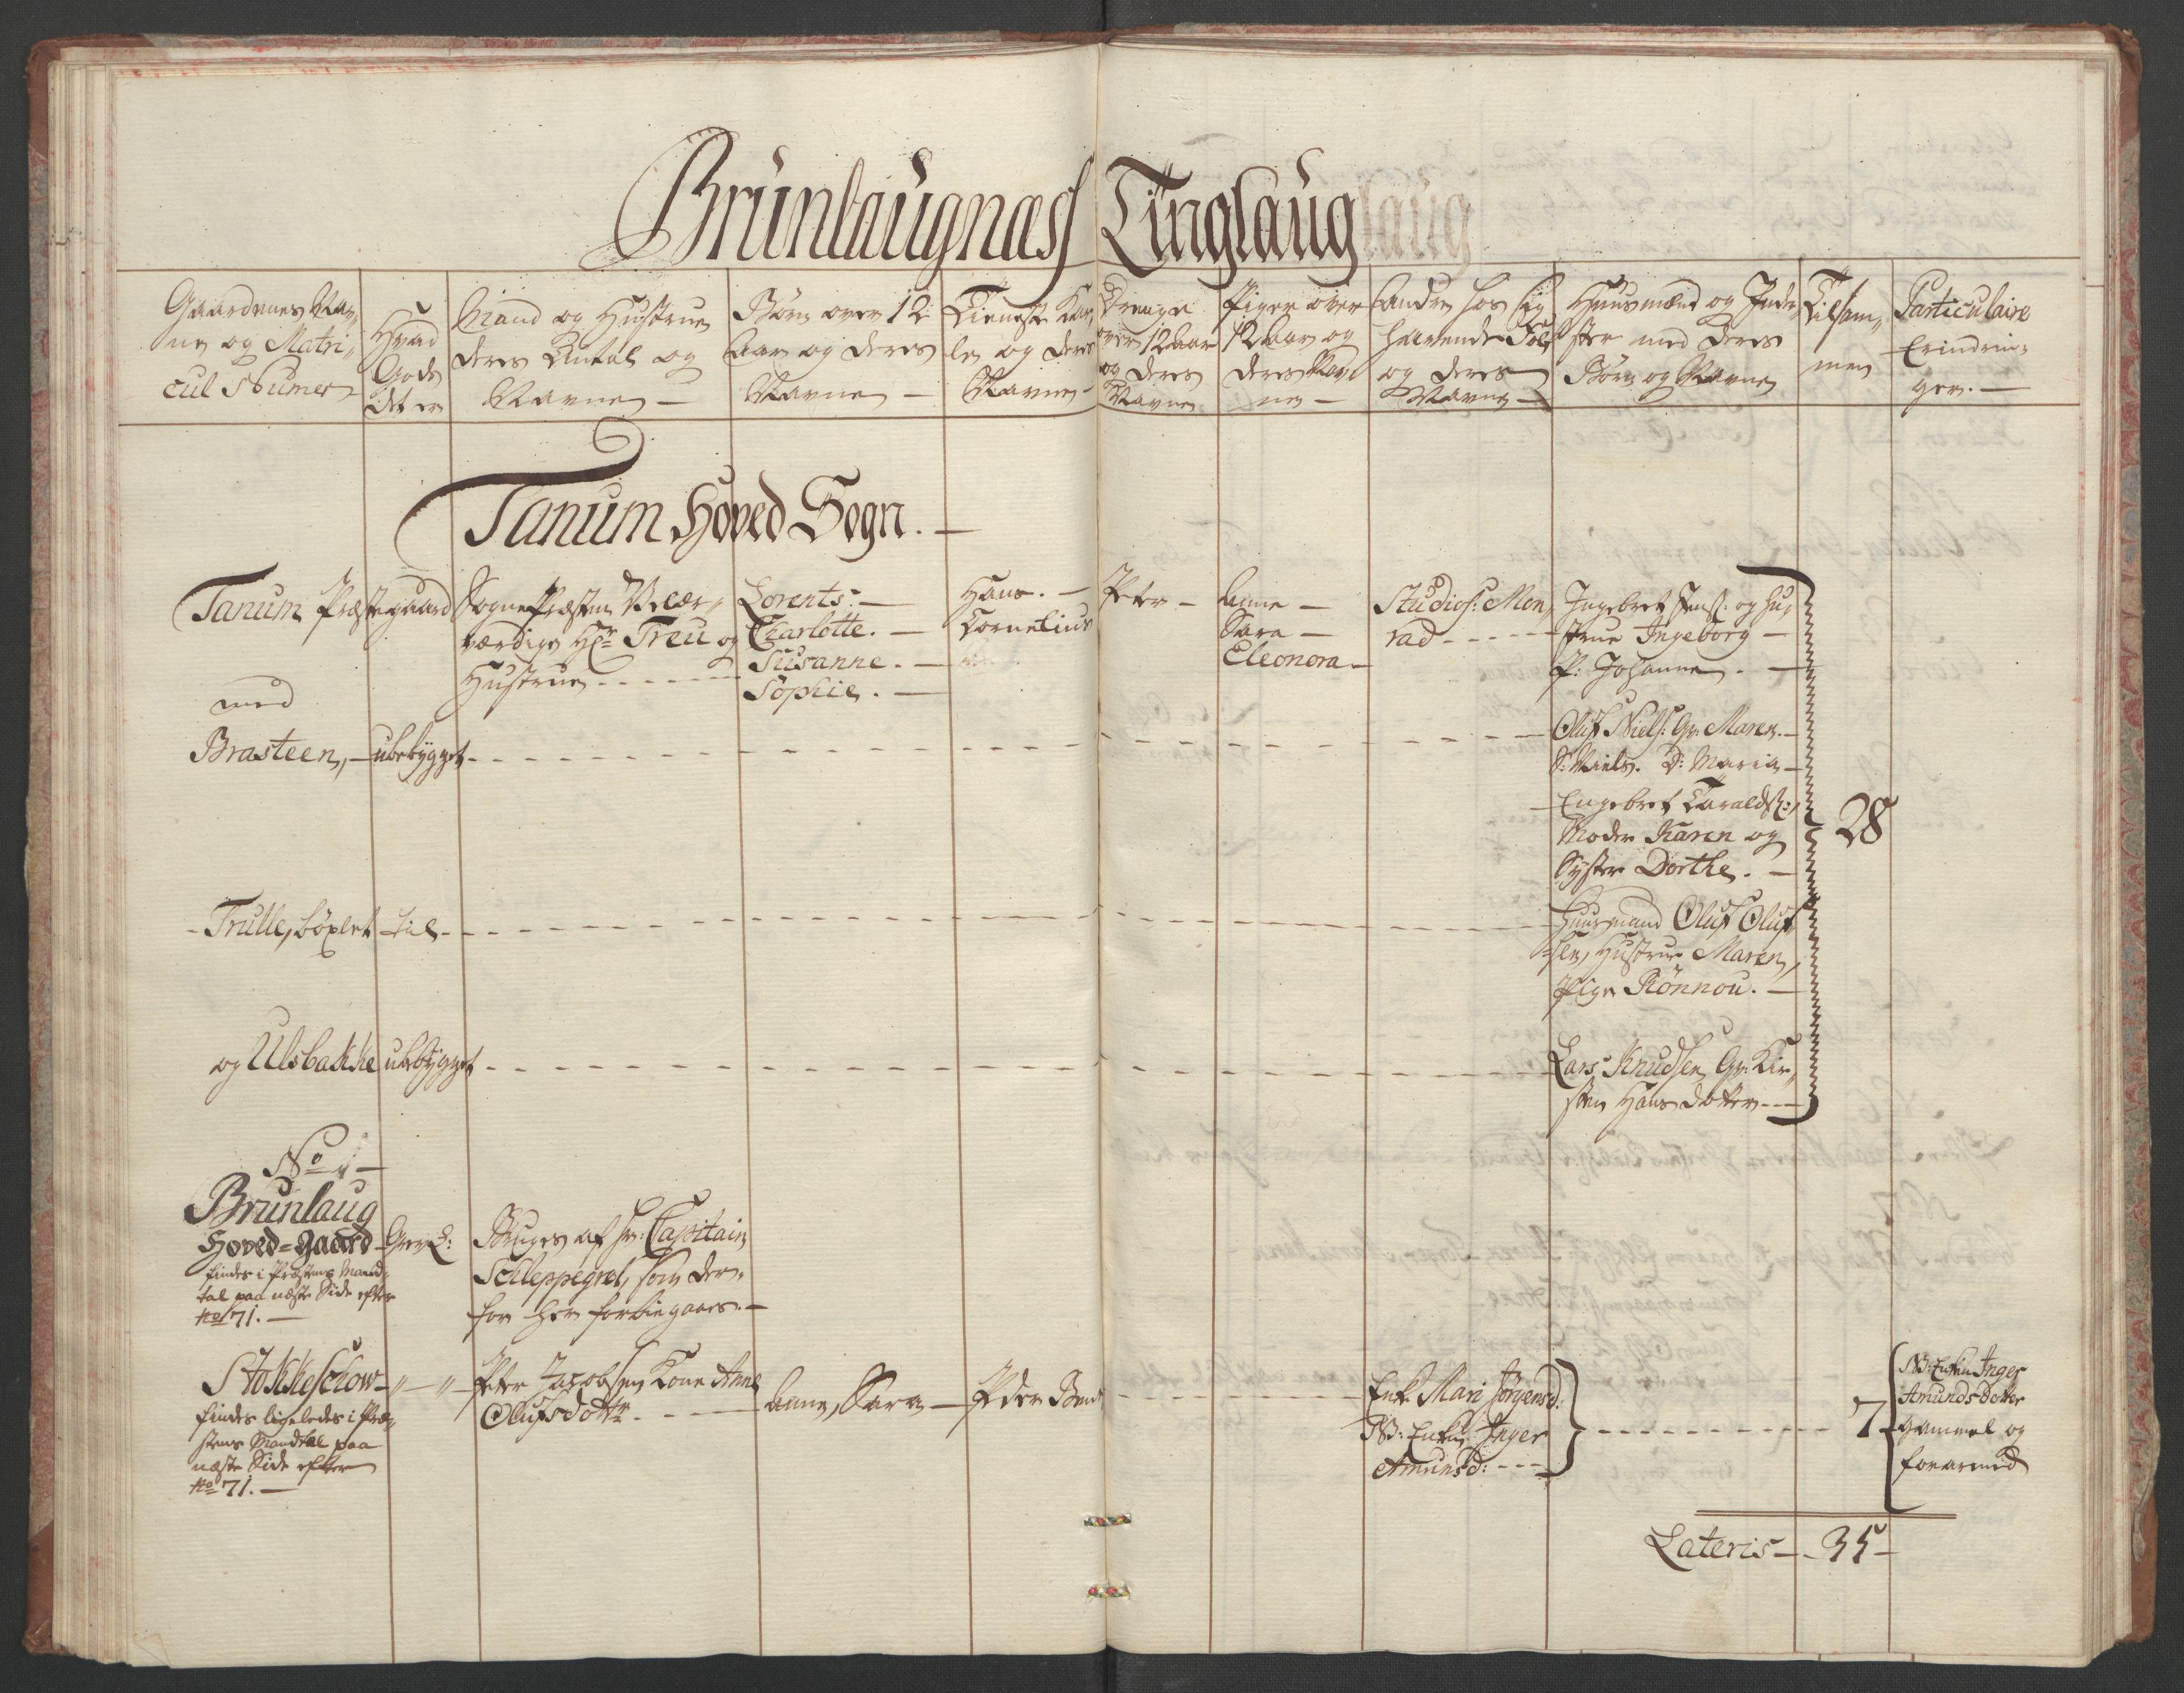 RA, Rentekammeret inntil 1814, Reviderte regnskaper, Fogderegnskap, R33/L2033: Ekstraskatten Larvik grevskap, 1762-1764, s. 57